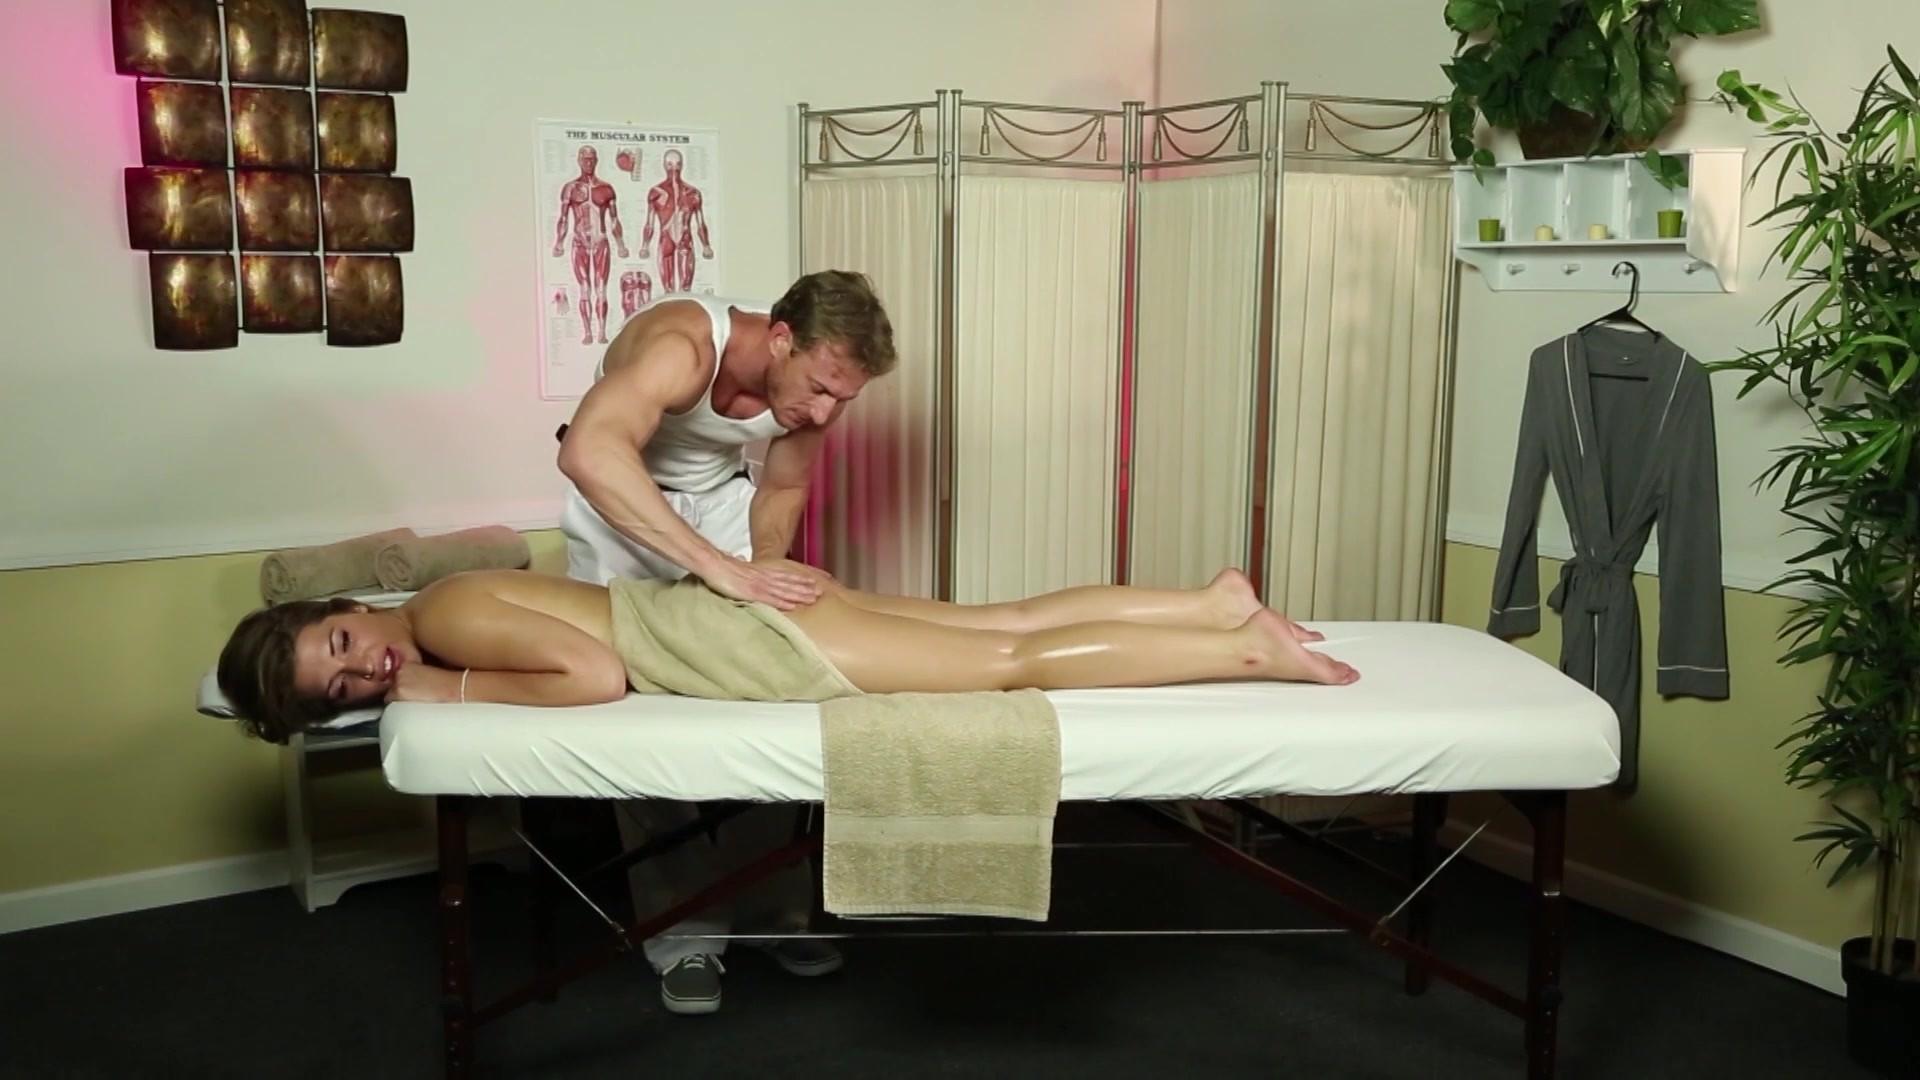 spa erotisk massasje pornn mobile